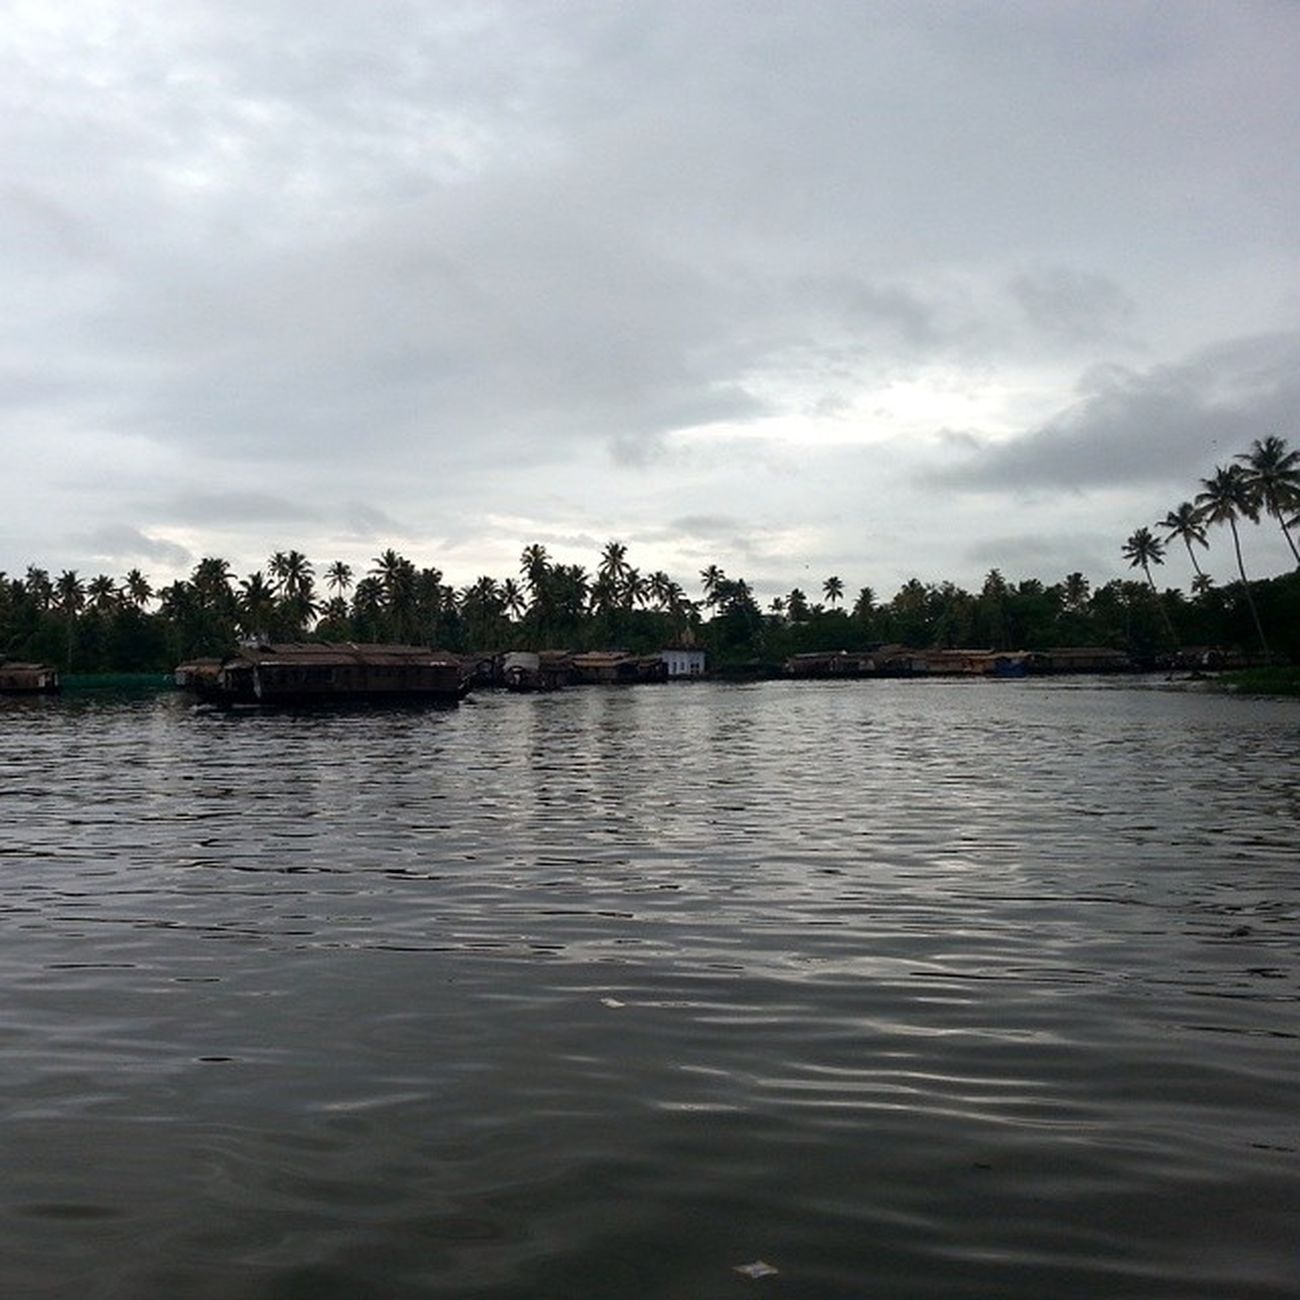 Kuttanad_lake Alappuzha Kerala